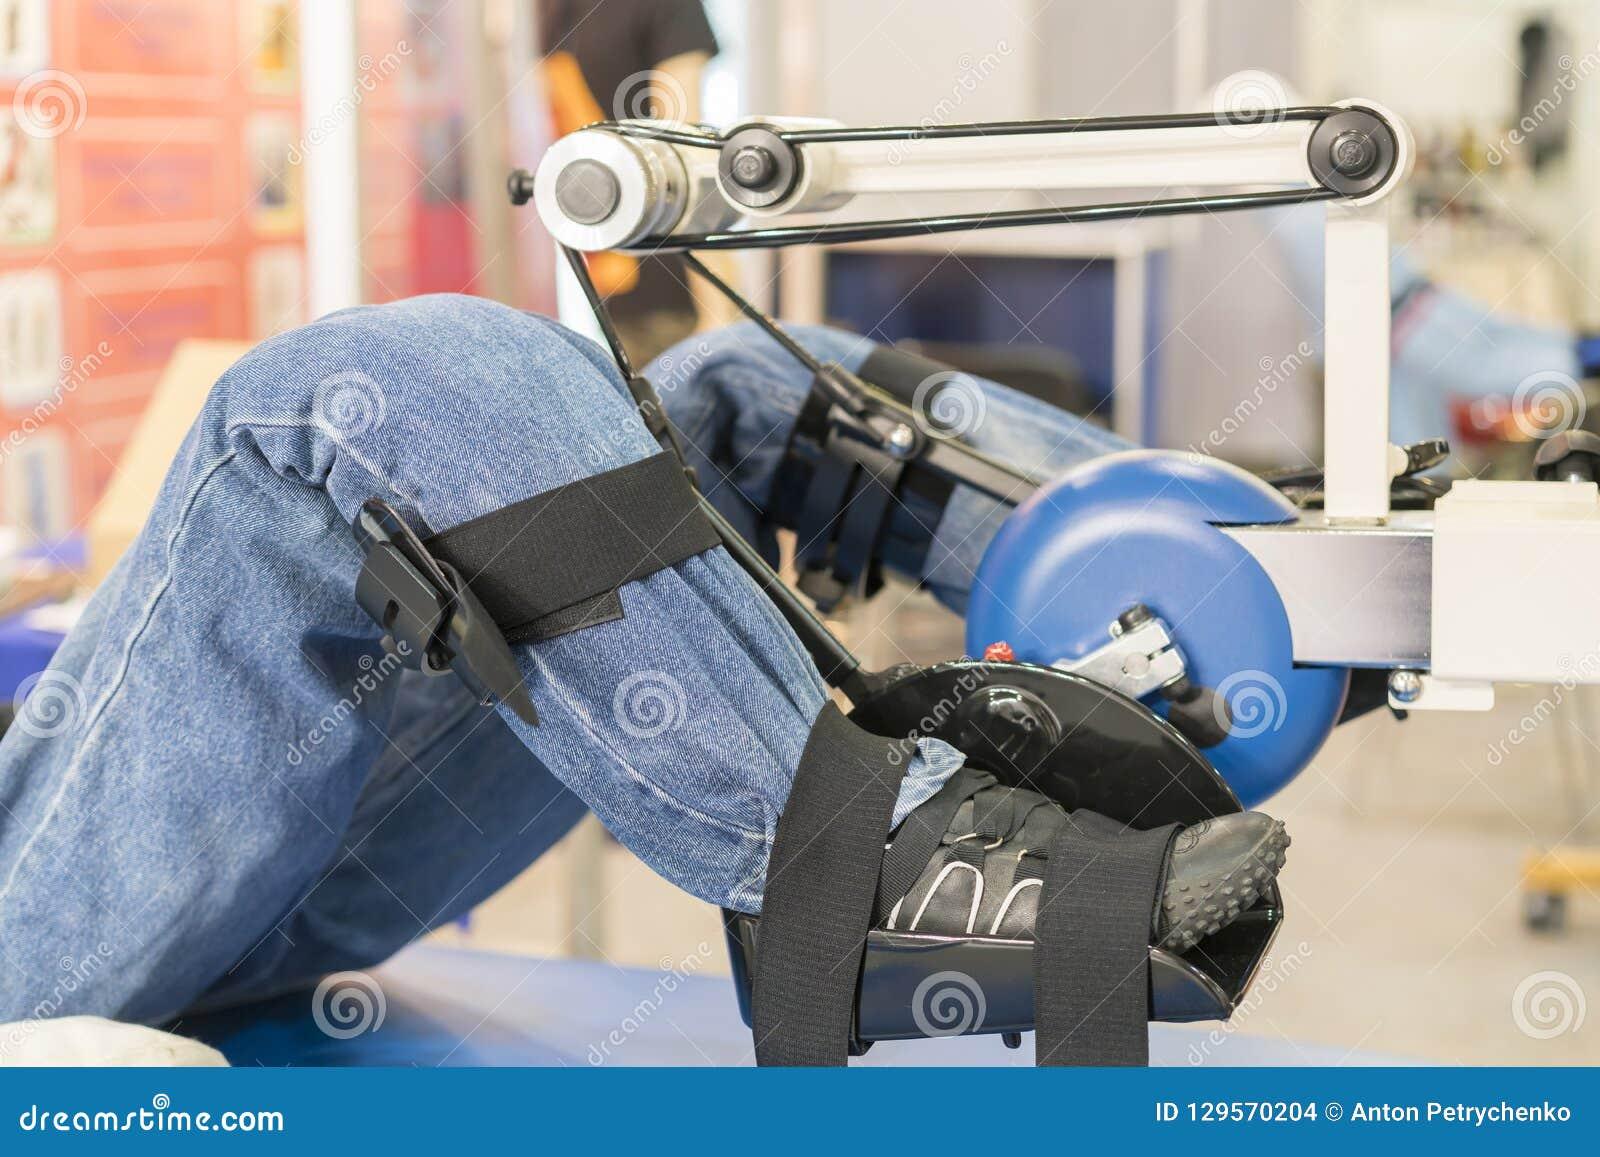 Simulador para a reabilitação do pé reabilitação dos membros feridos Manequim no instrumento para os pés de formação